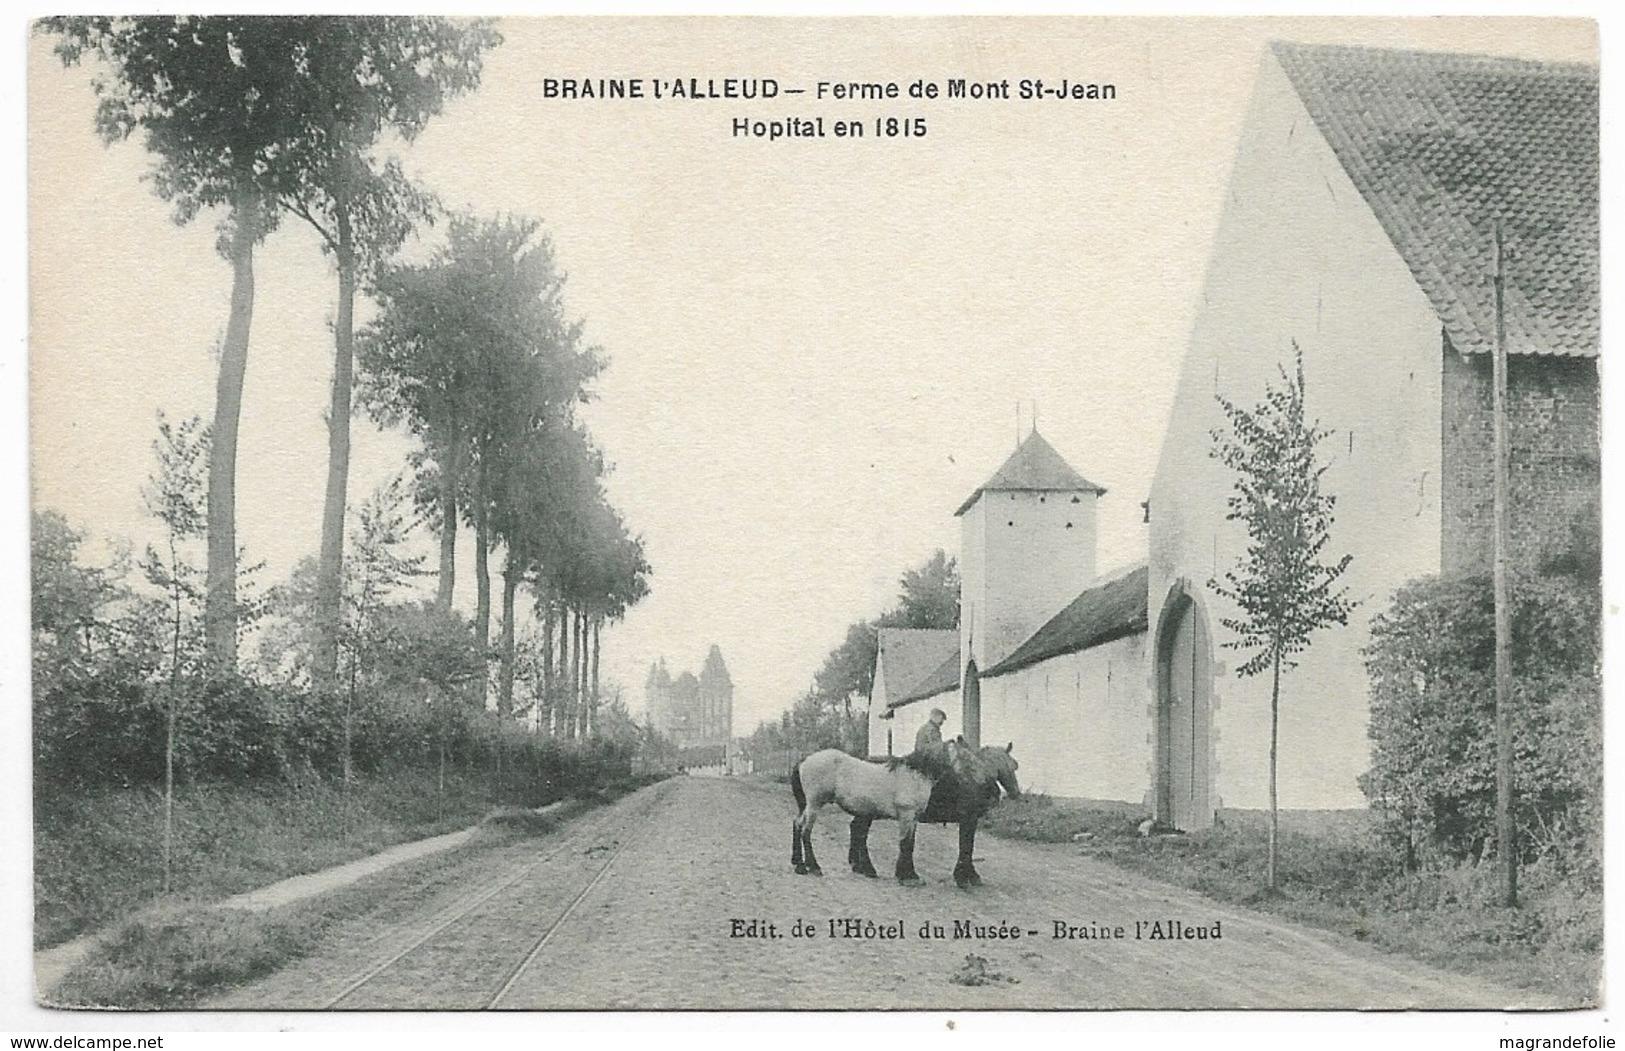 CPA PK   BRAINE L'ALLEUD  FERME DE MONT ST JEAN  HOPITAL EN 1815  CHEVAUX   HOTEL DU MUSEE - Belgique